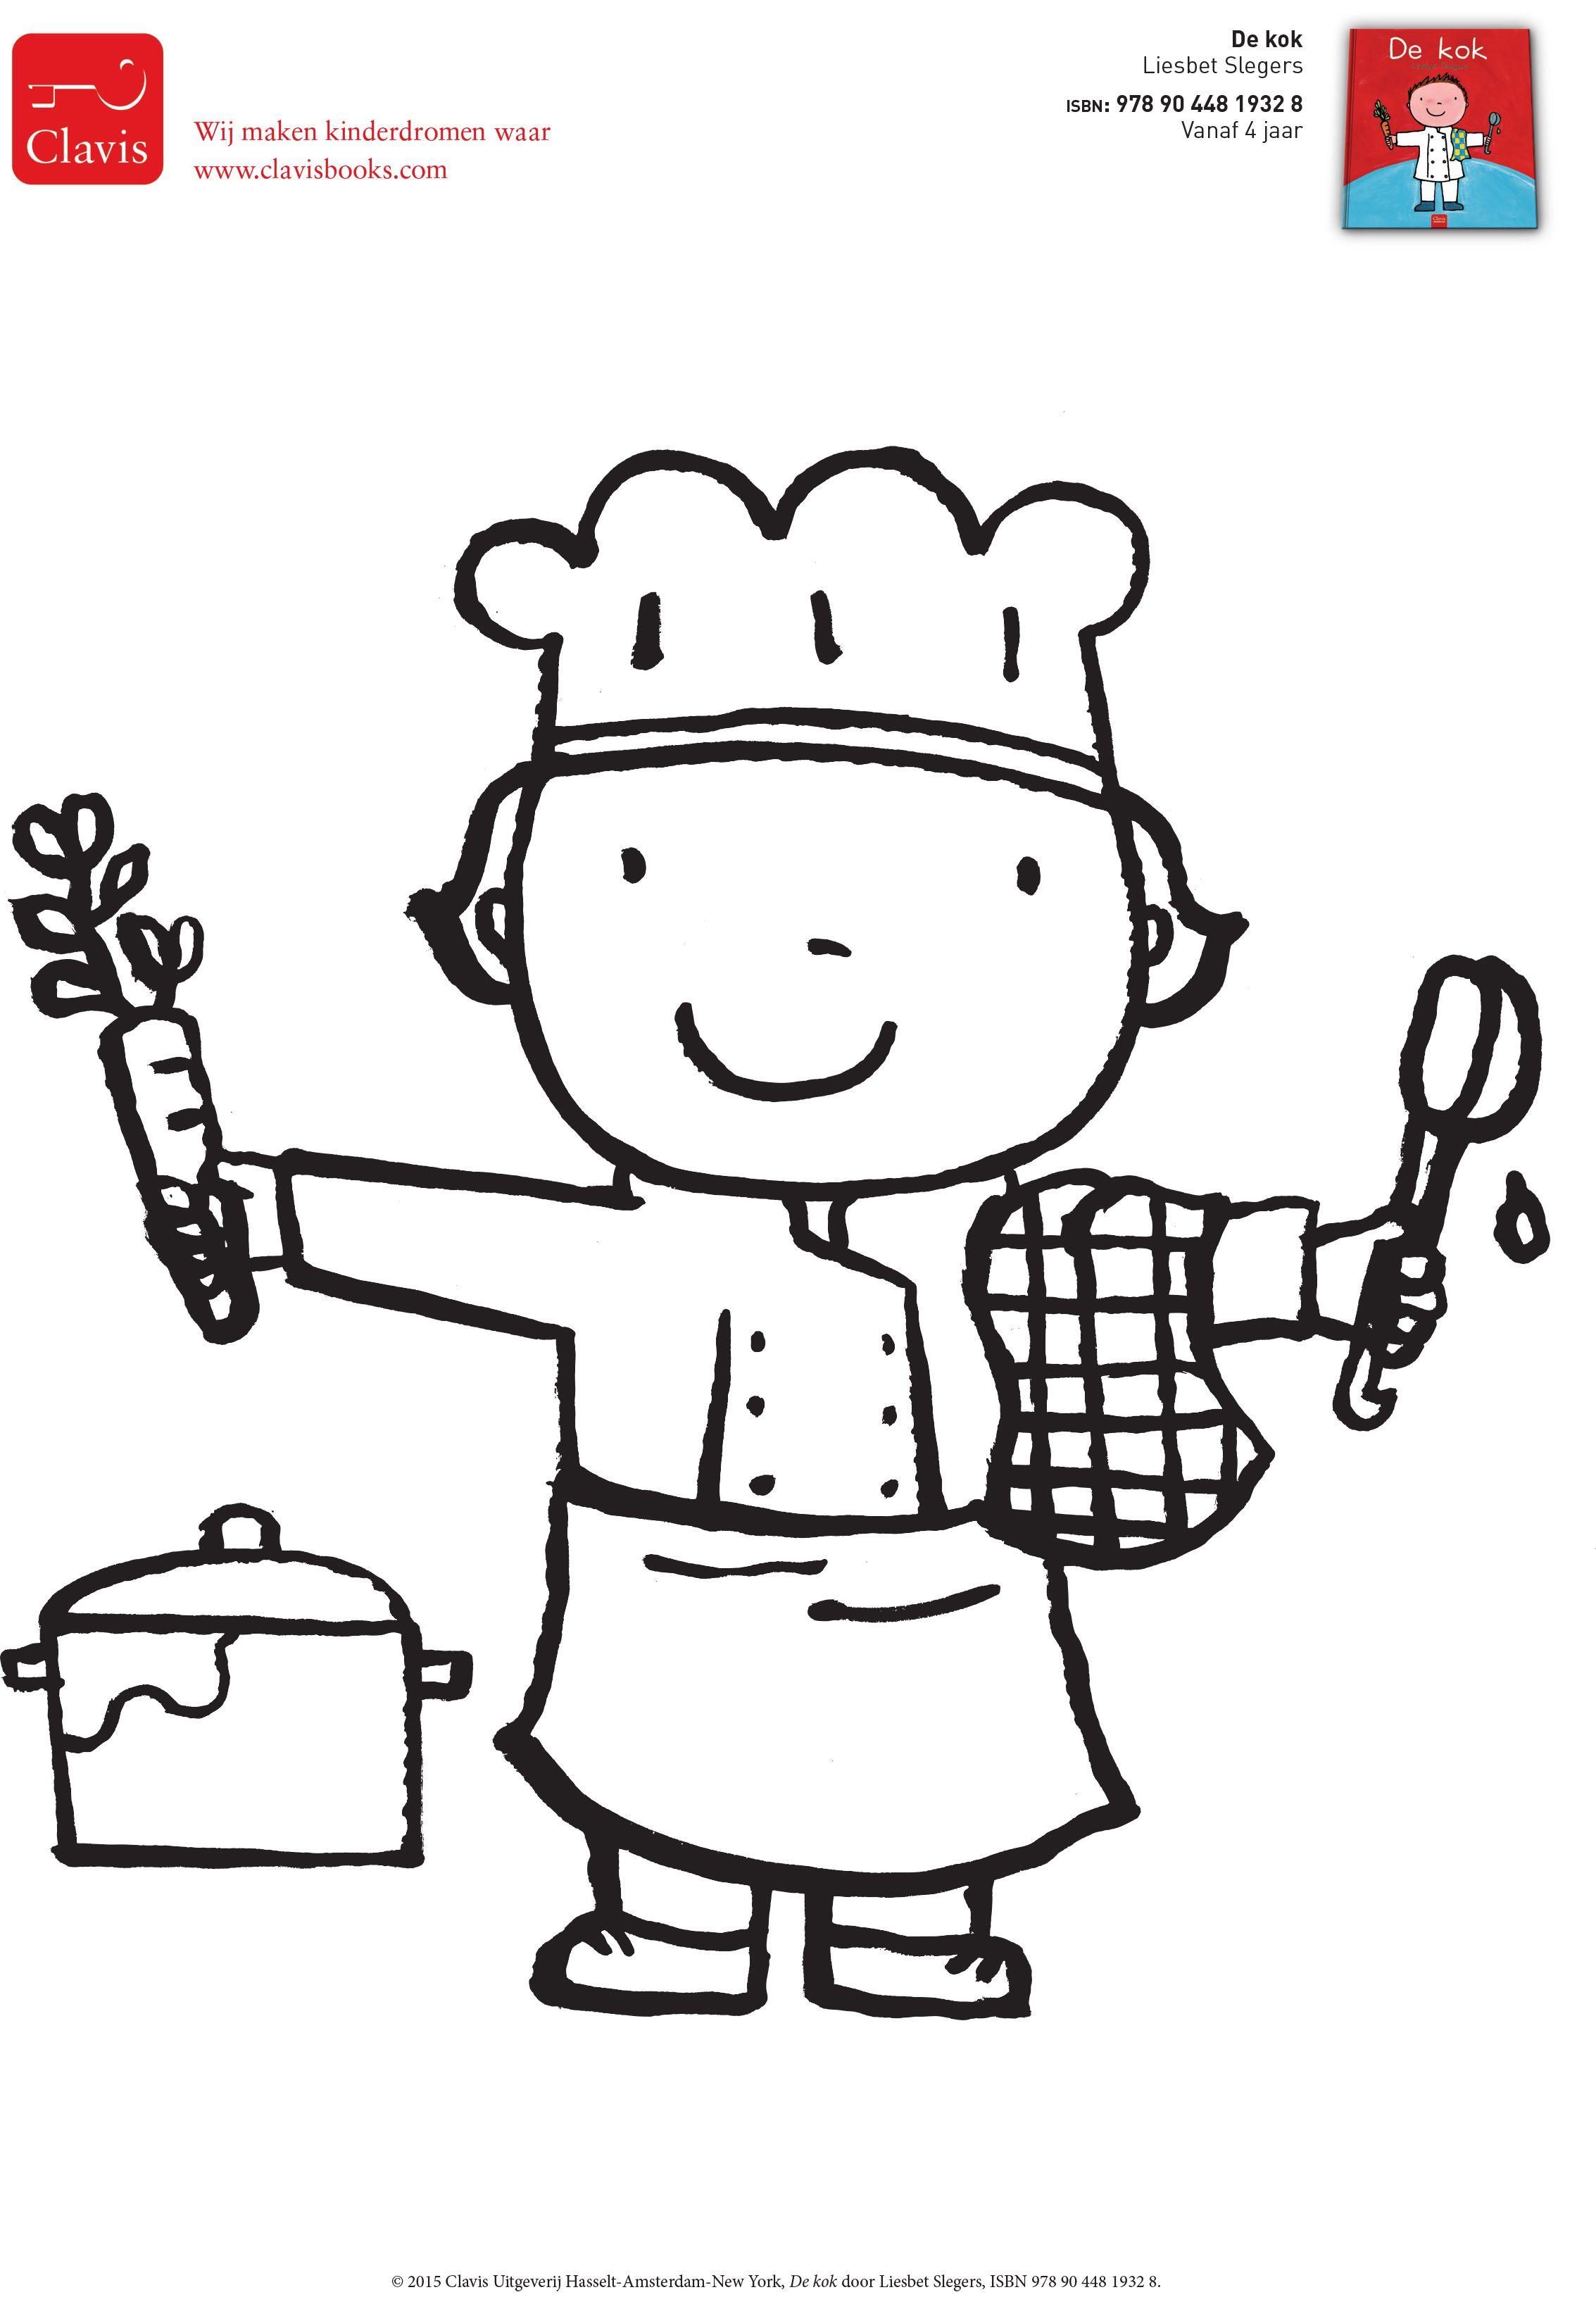 kleurplaat de kok uit de beroepenserie liesbet